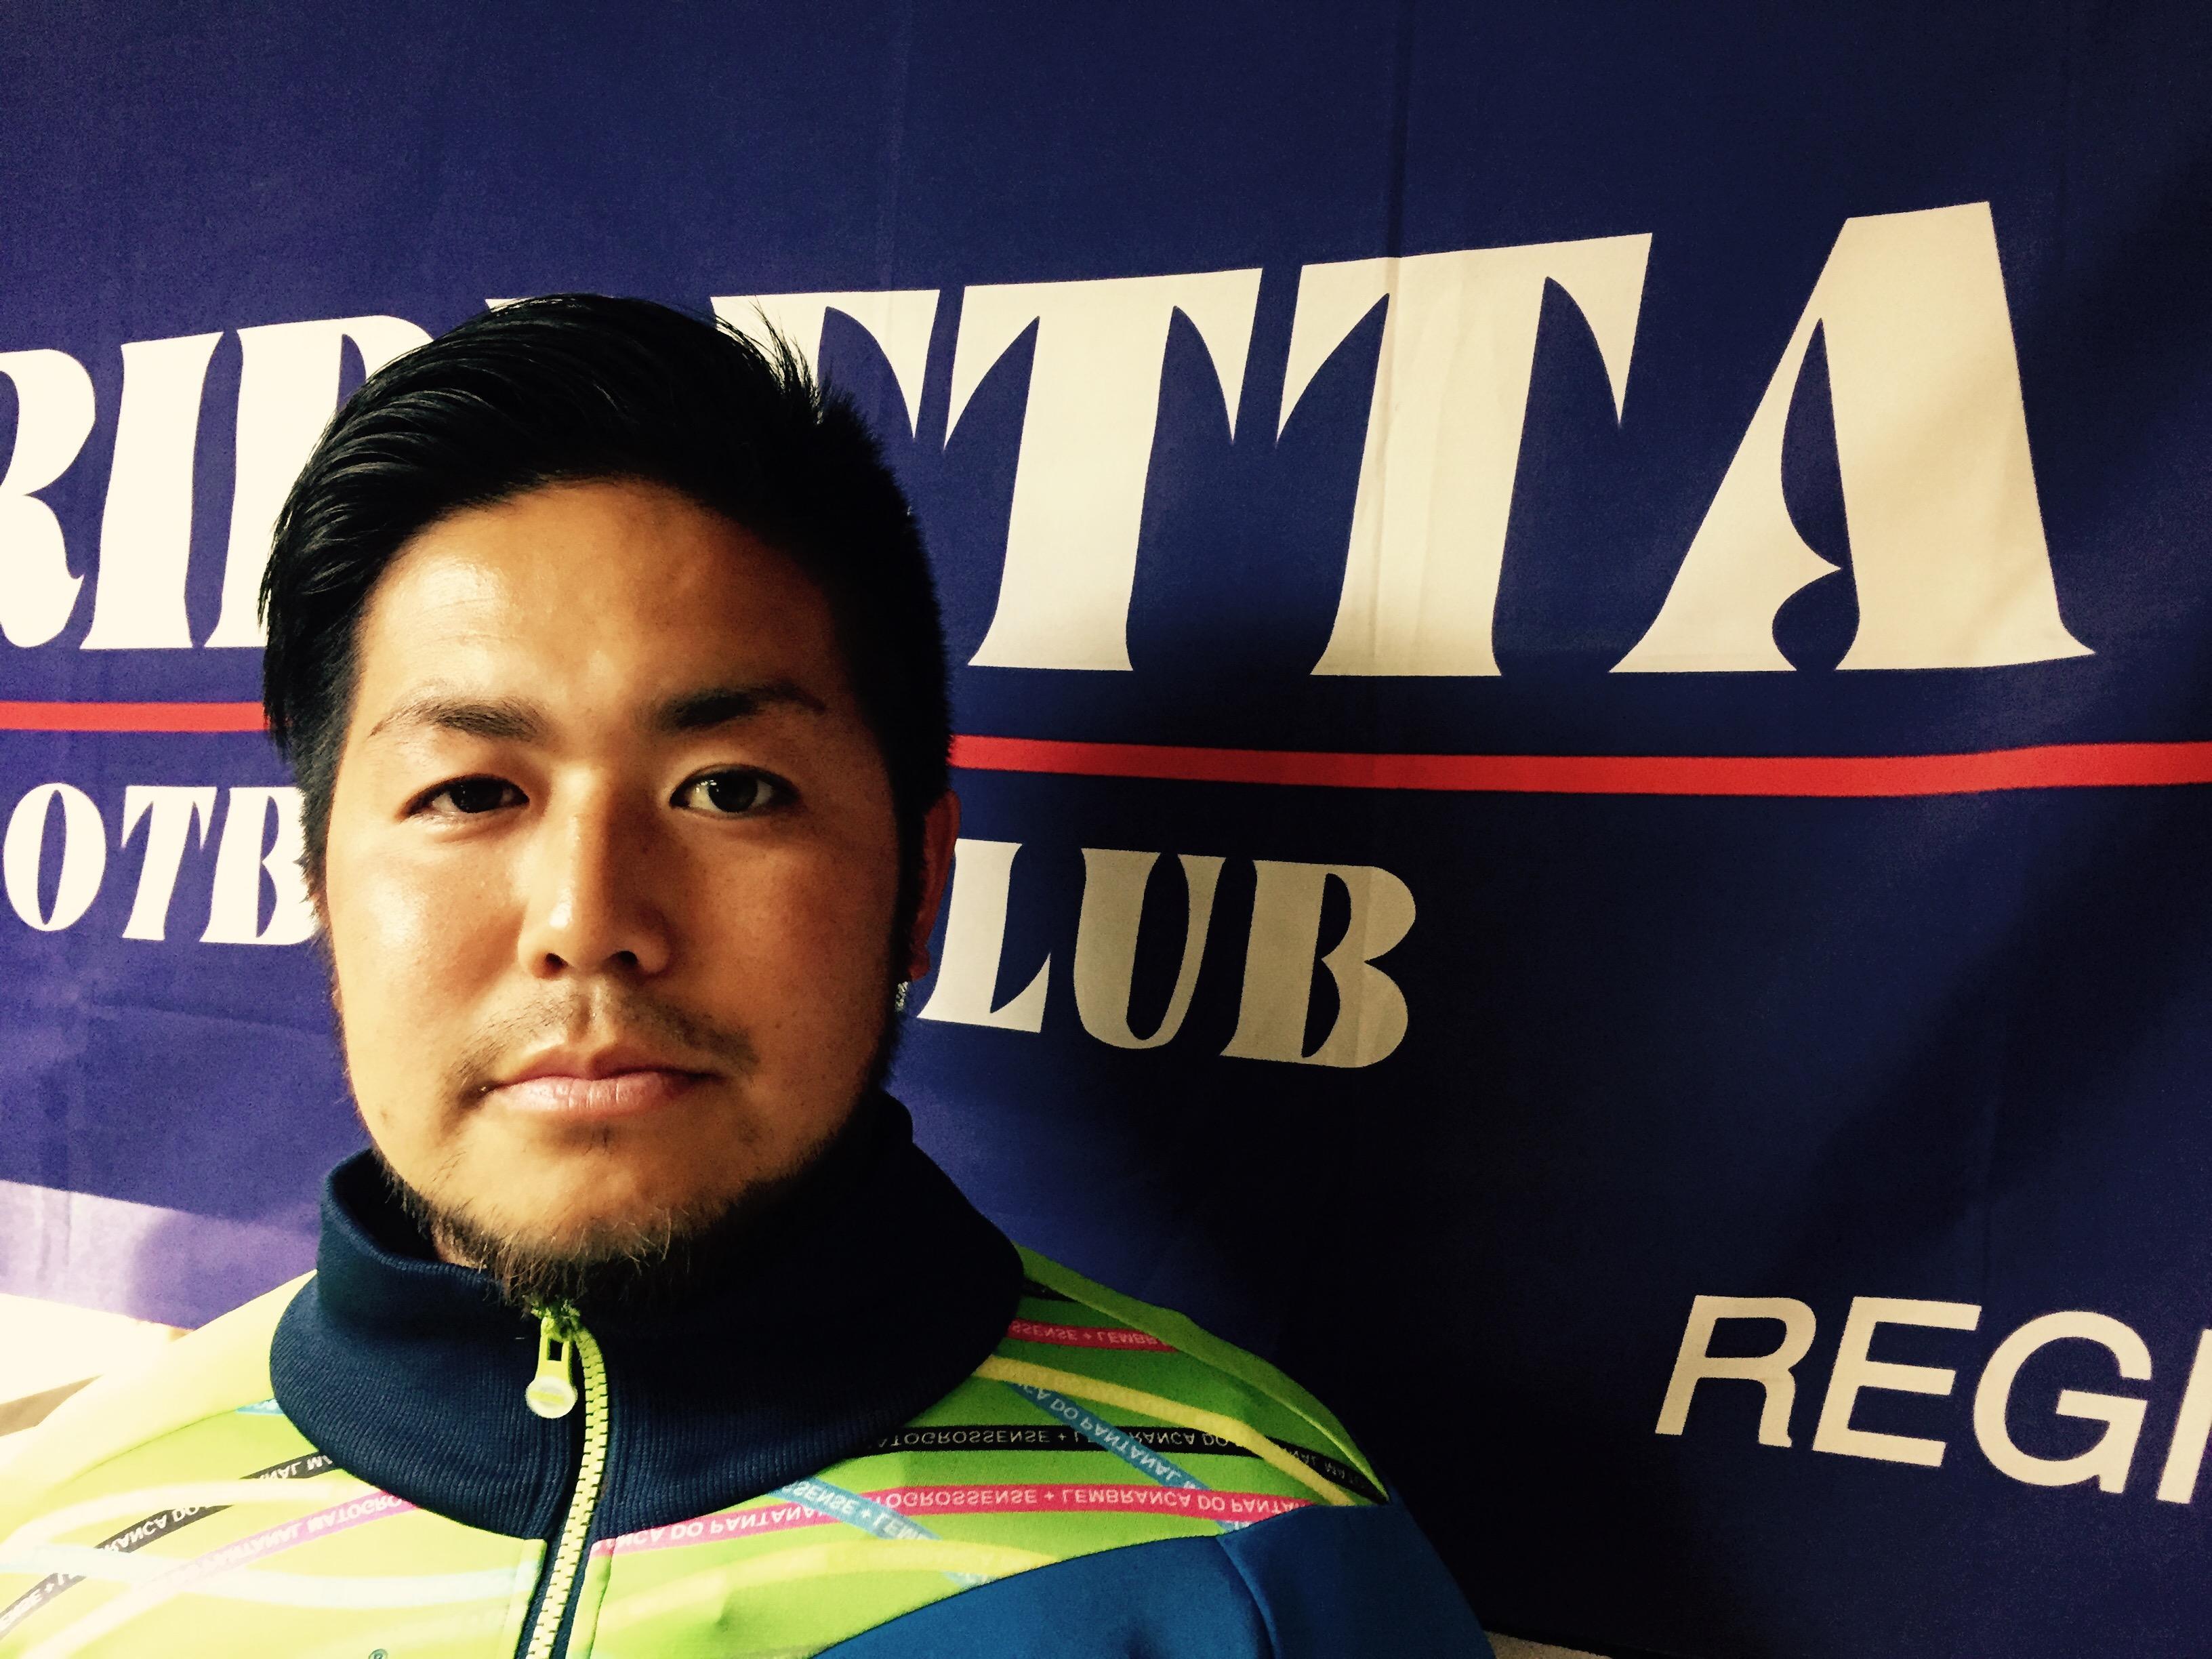 軽米 翔吾  【渋谷ジュニアコーチ】【Jrユースコーチ】